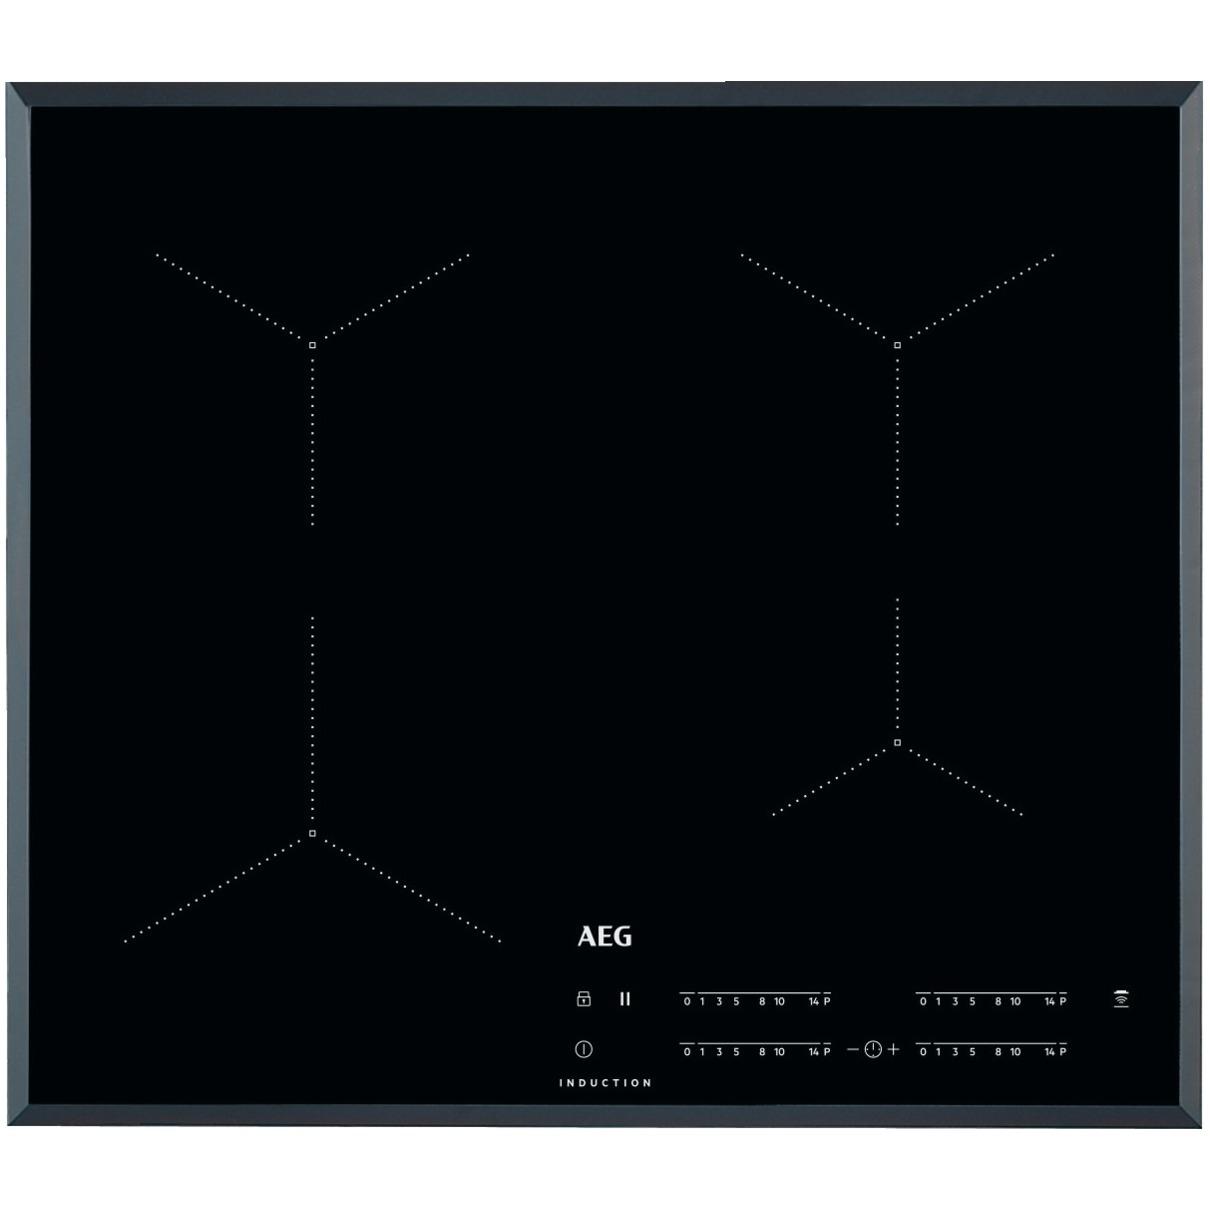 AEG inductie inbouwkookplaat IKB64431FB